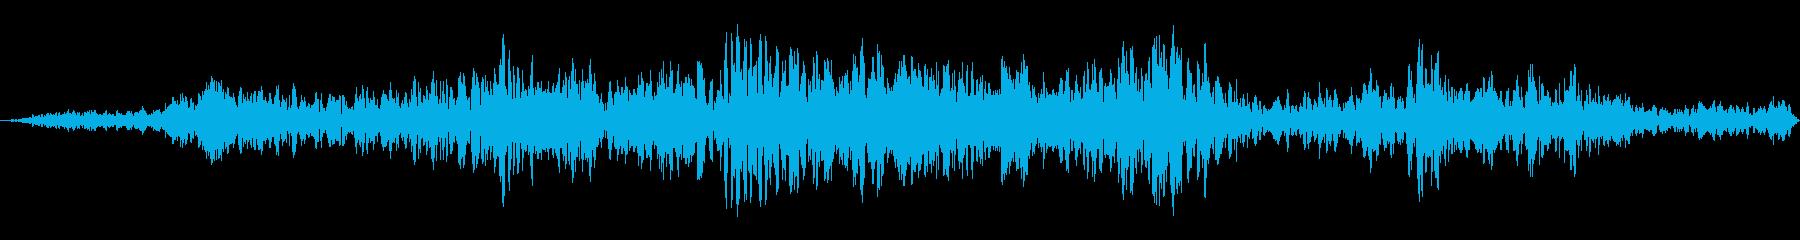 サメが泳ぐ、ドライスウィッシュ、フ...の再生済みの波形